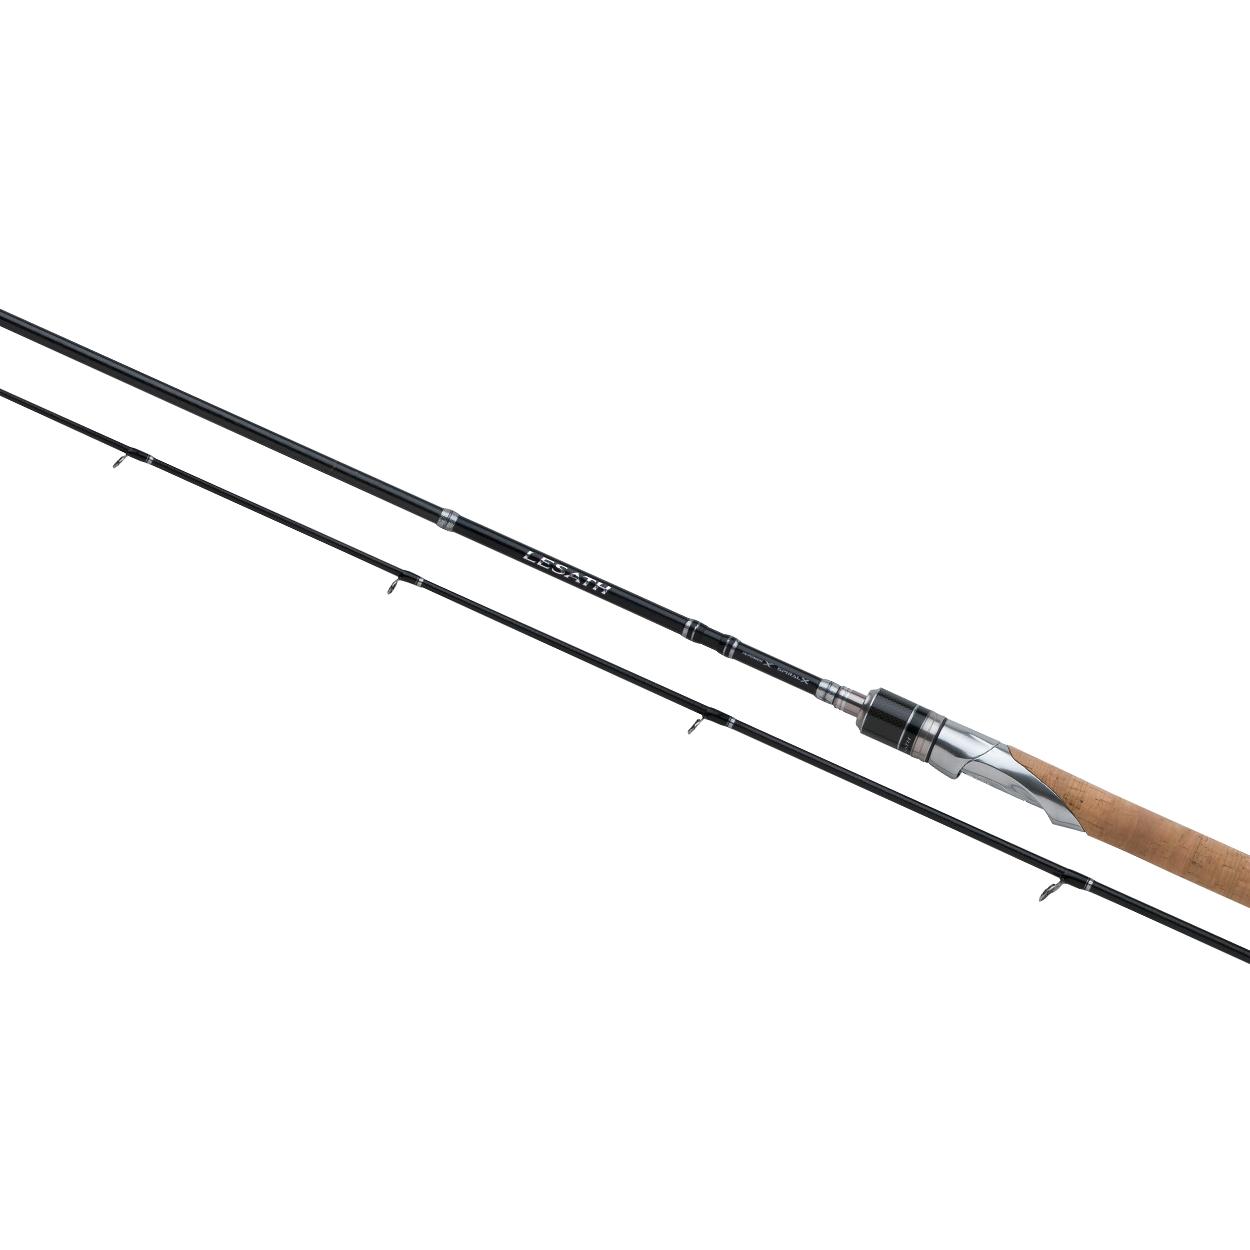 Удилище спиннинговое SHIMANO LESATH DX 270 MH (+ Леска в подарок!) цена